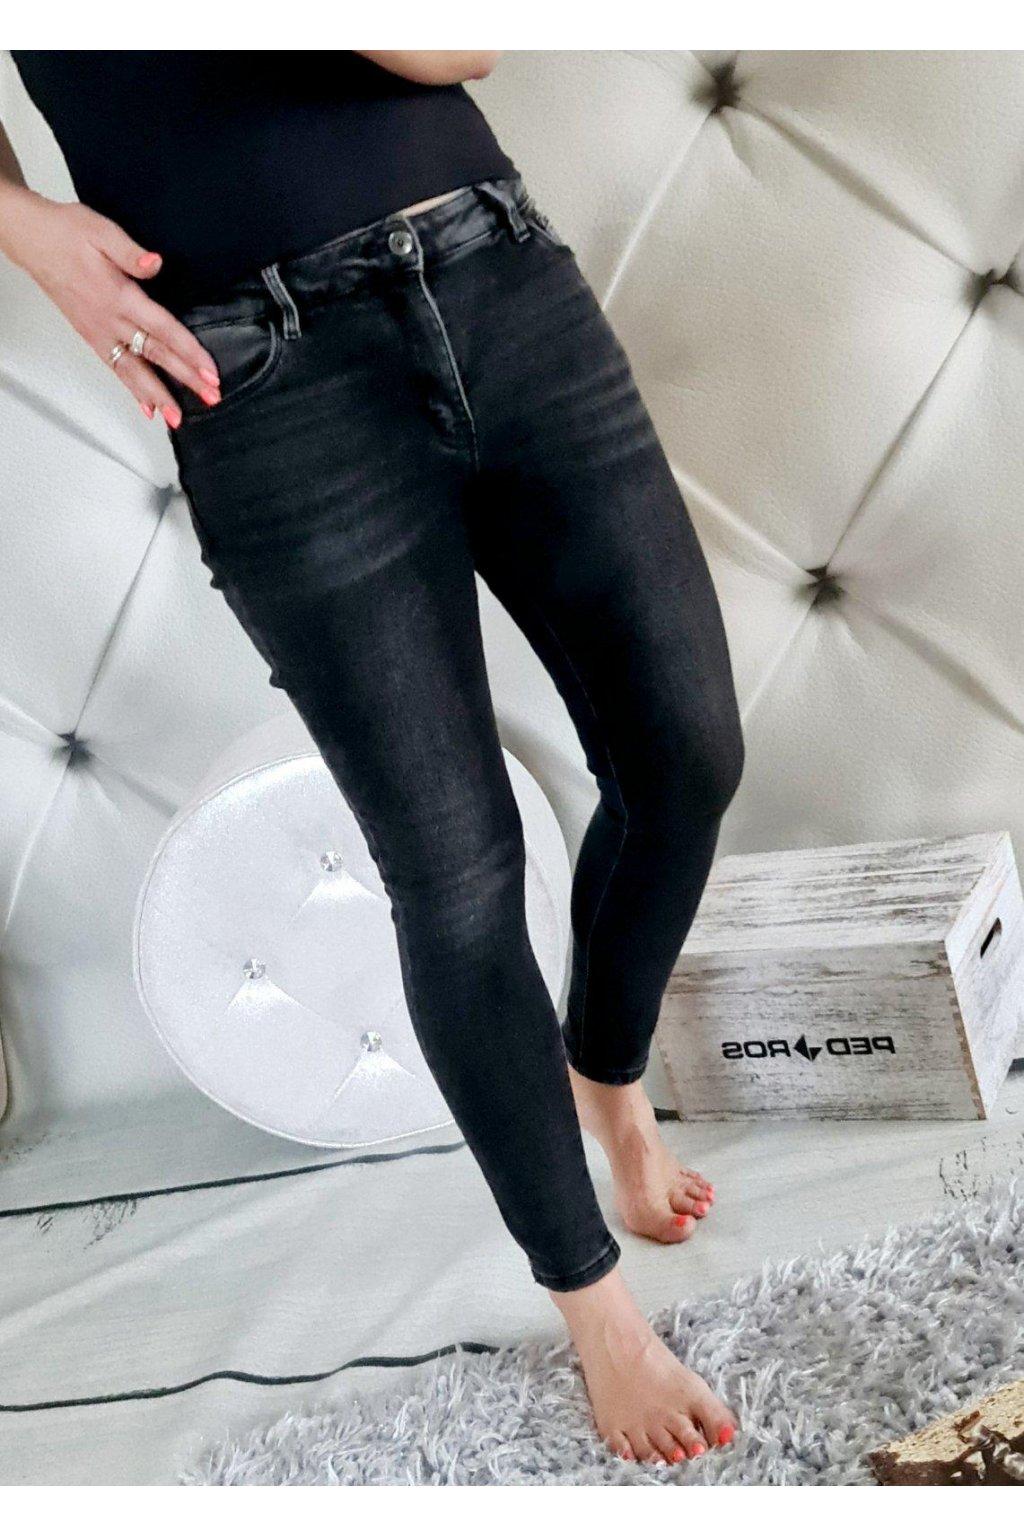 jeans ČERNÉ elastic push upp efect příjemné elastické